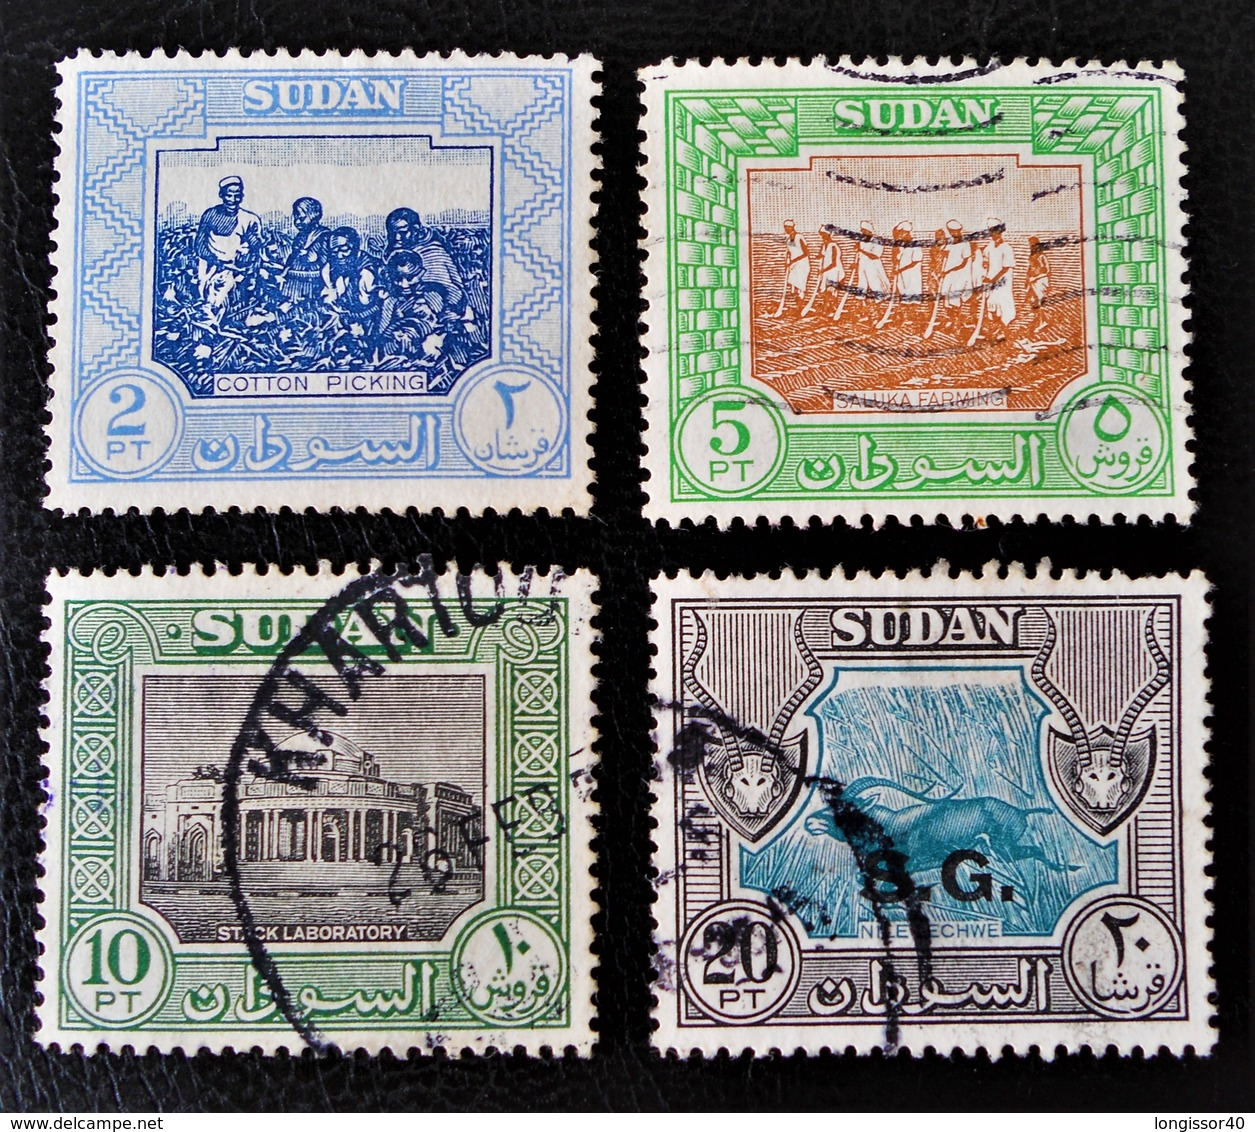 SERIE COURANTE 1951 - OBLITERES - YT 103 + 107 + 110/11 (SURCHARGE) - Soudan (1954-...)